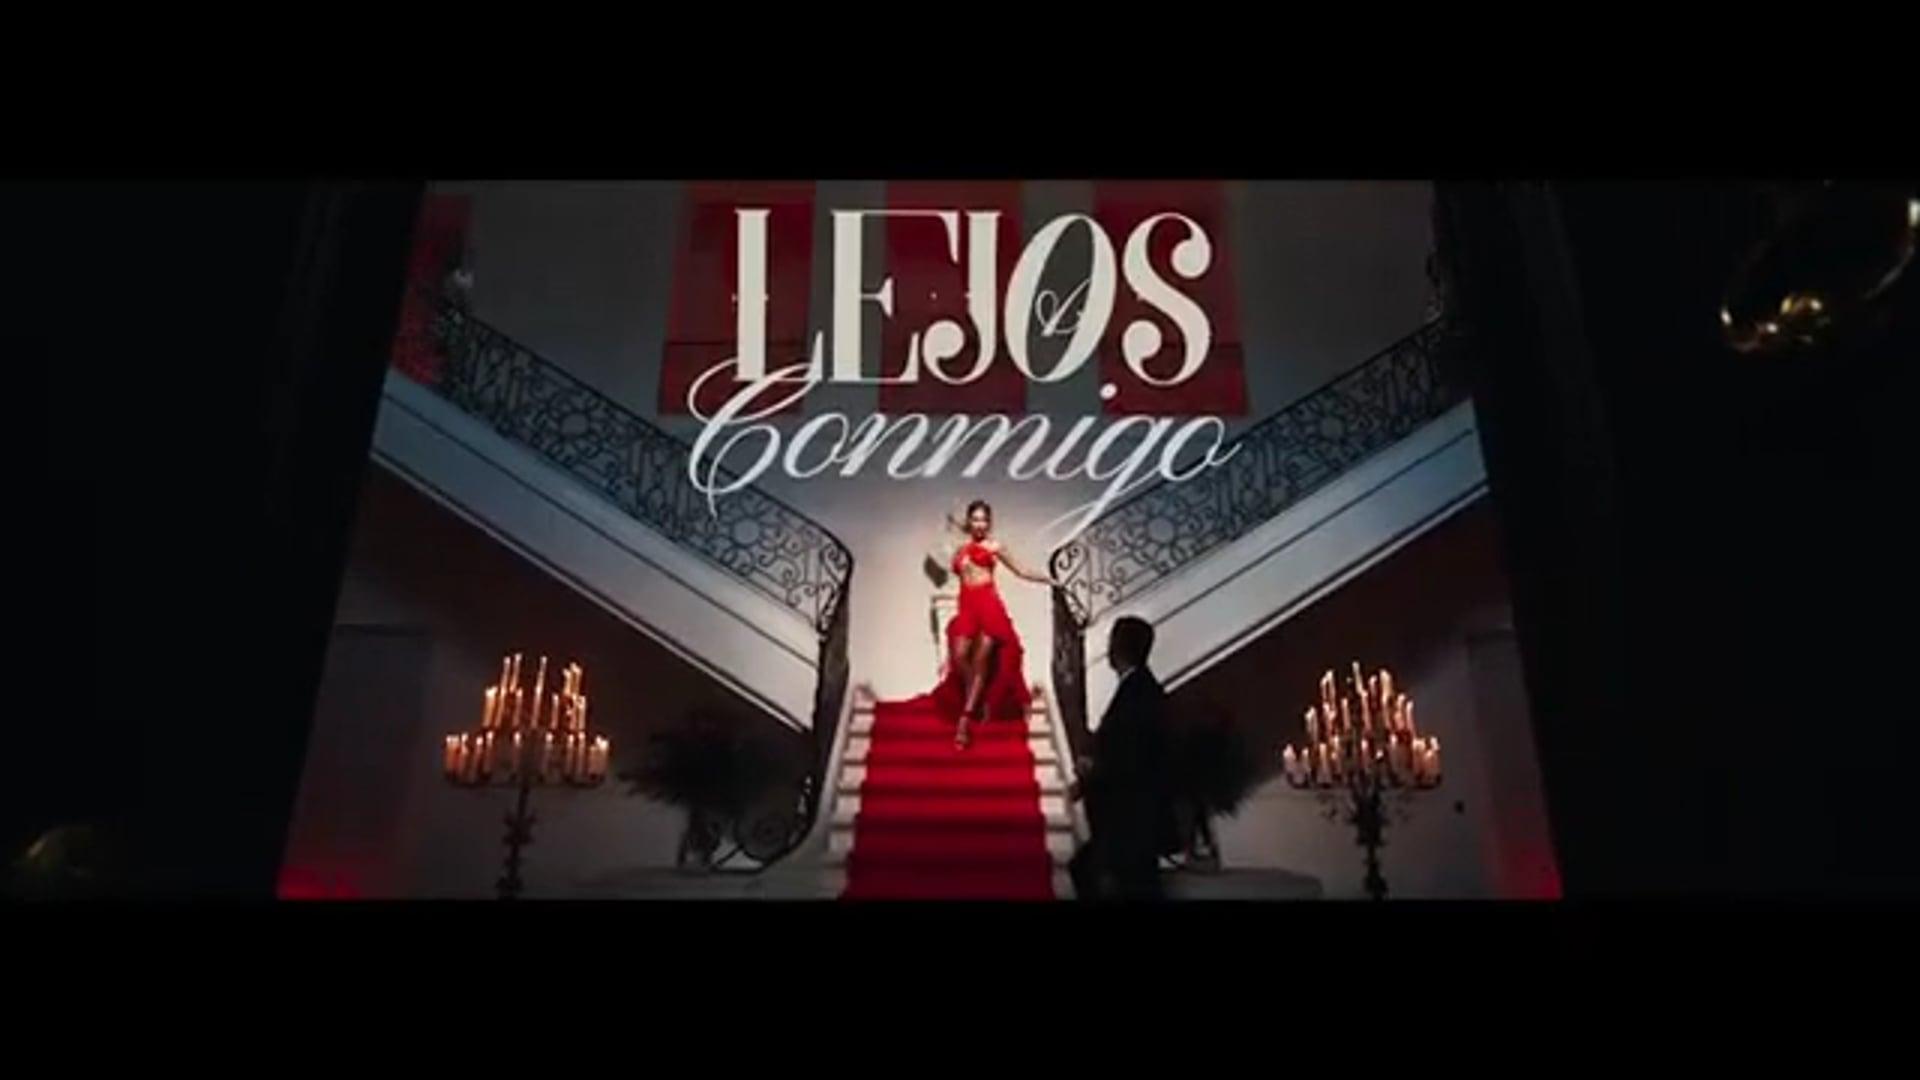 LEJOS CONMIGO - NUNO GOMES